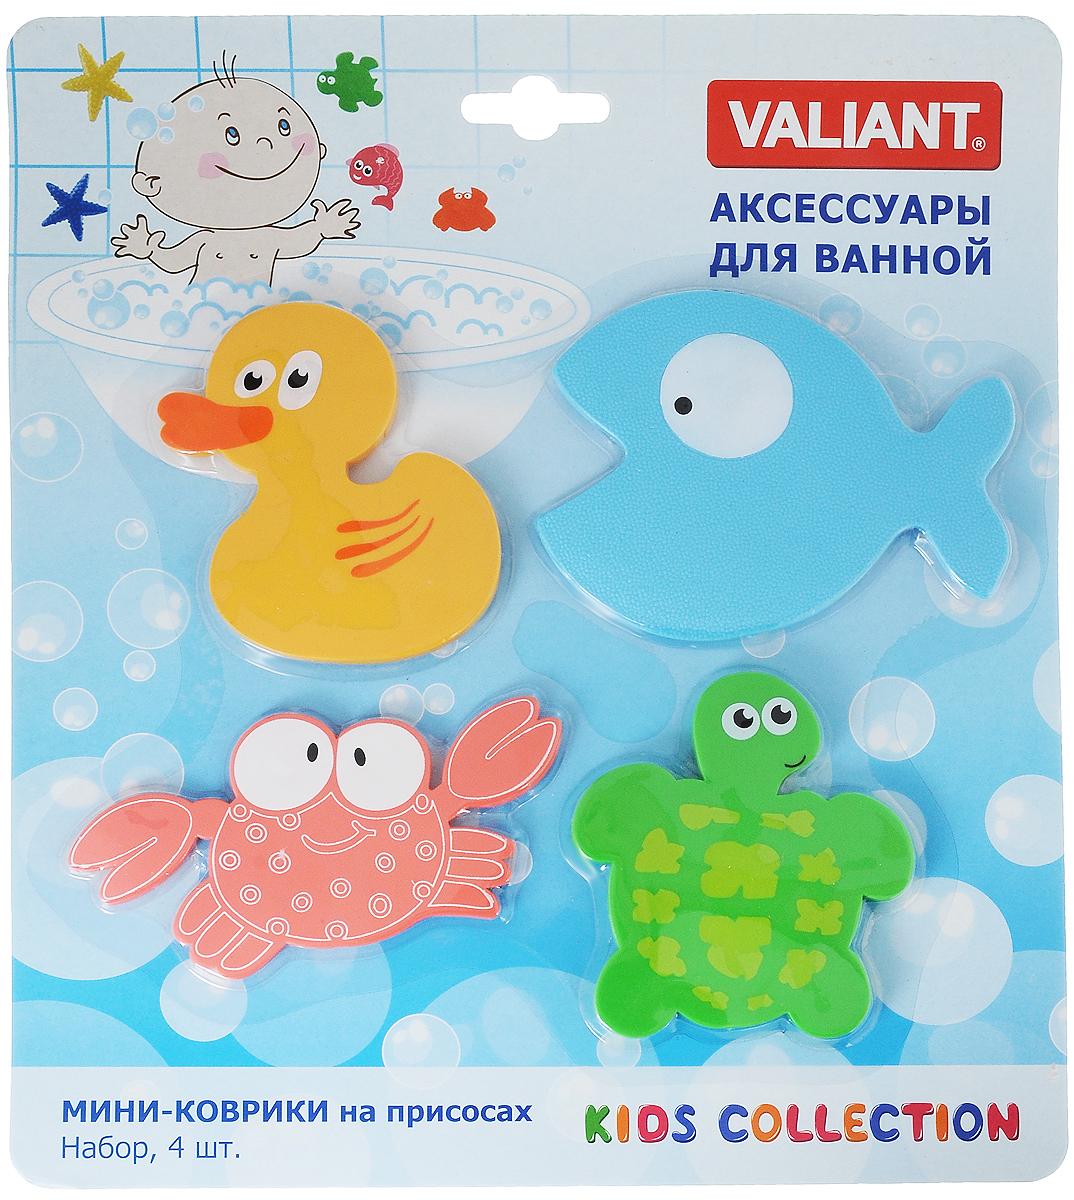 Valiant Мини-коврик для ванной комнаты Глазастики на присосках 4 штMIX4S6Мини-коврик для ванной комнаты Valiant Глазастики - это модный и экономичный способ сделать вашу ванную комнату более уютной, красивой и безопасной. В наборе представлены 4 мини-коврика в виде различных морских животных. Коврики прочно крепятся на любую гладкую поверхность с помощью присосок. Расположите коврик там, где вам необходимо яркое цветовое пятно и надежная противоскользящая опора - на поверхности ванной, на кафельной стене или стенке душевой кабины, на полу - как дополнение вашего коврика стандартного размера. Мини-коврики Valiant незаменимы при купании маленького ребенка: он не поскользнется и не упадет, держась за мягкую и приятную на ощупь рифленую поверхность коврика. Рекомендации по уходу: после использования тщательно смойте остатки мыла или других косметических средств с коврика.